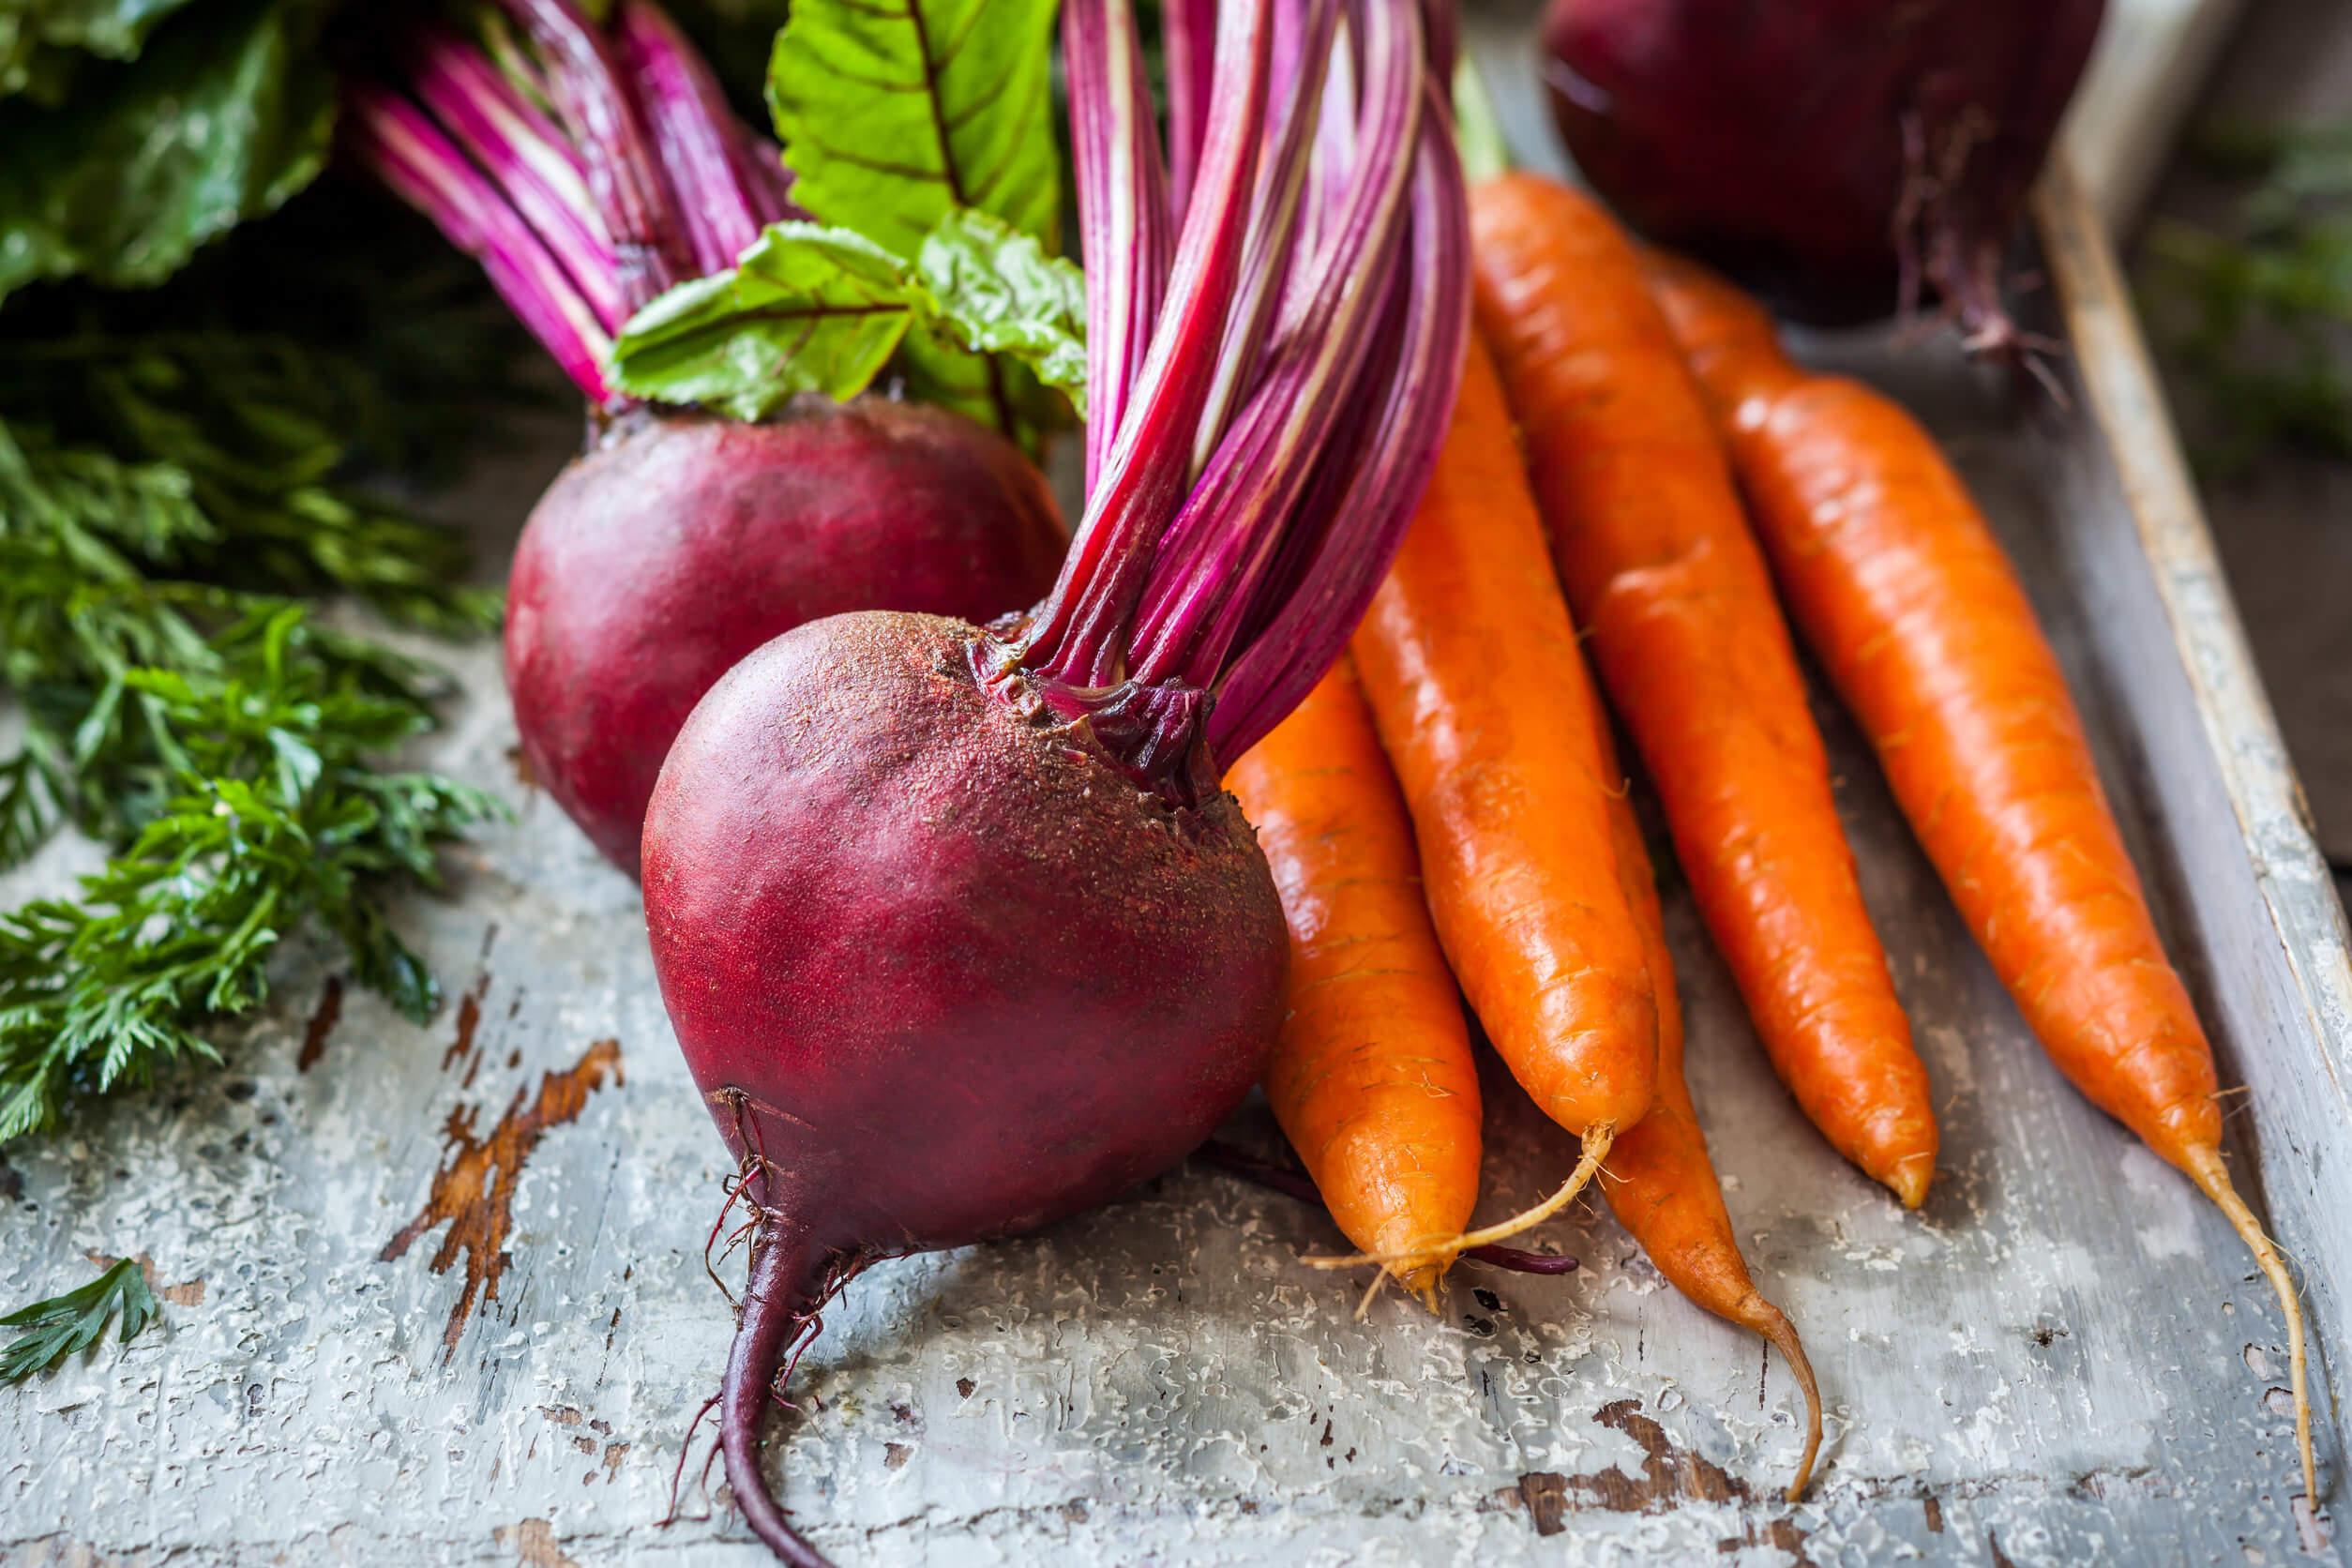 Incluirel zumo natural a base de remolacha y zanahoria